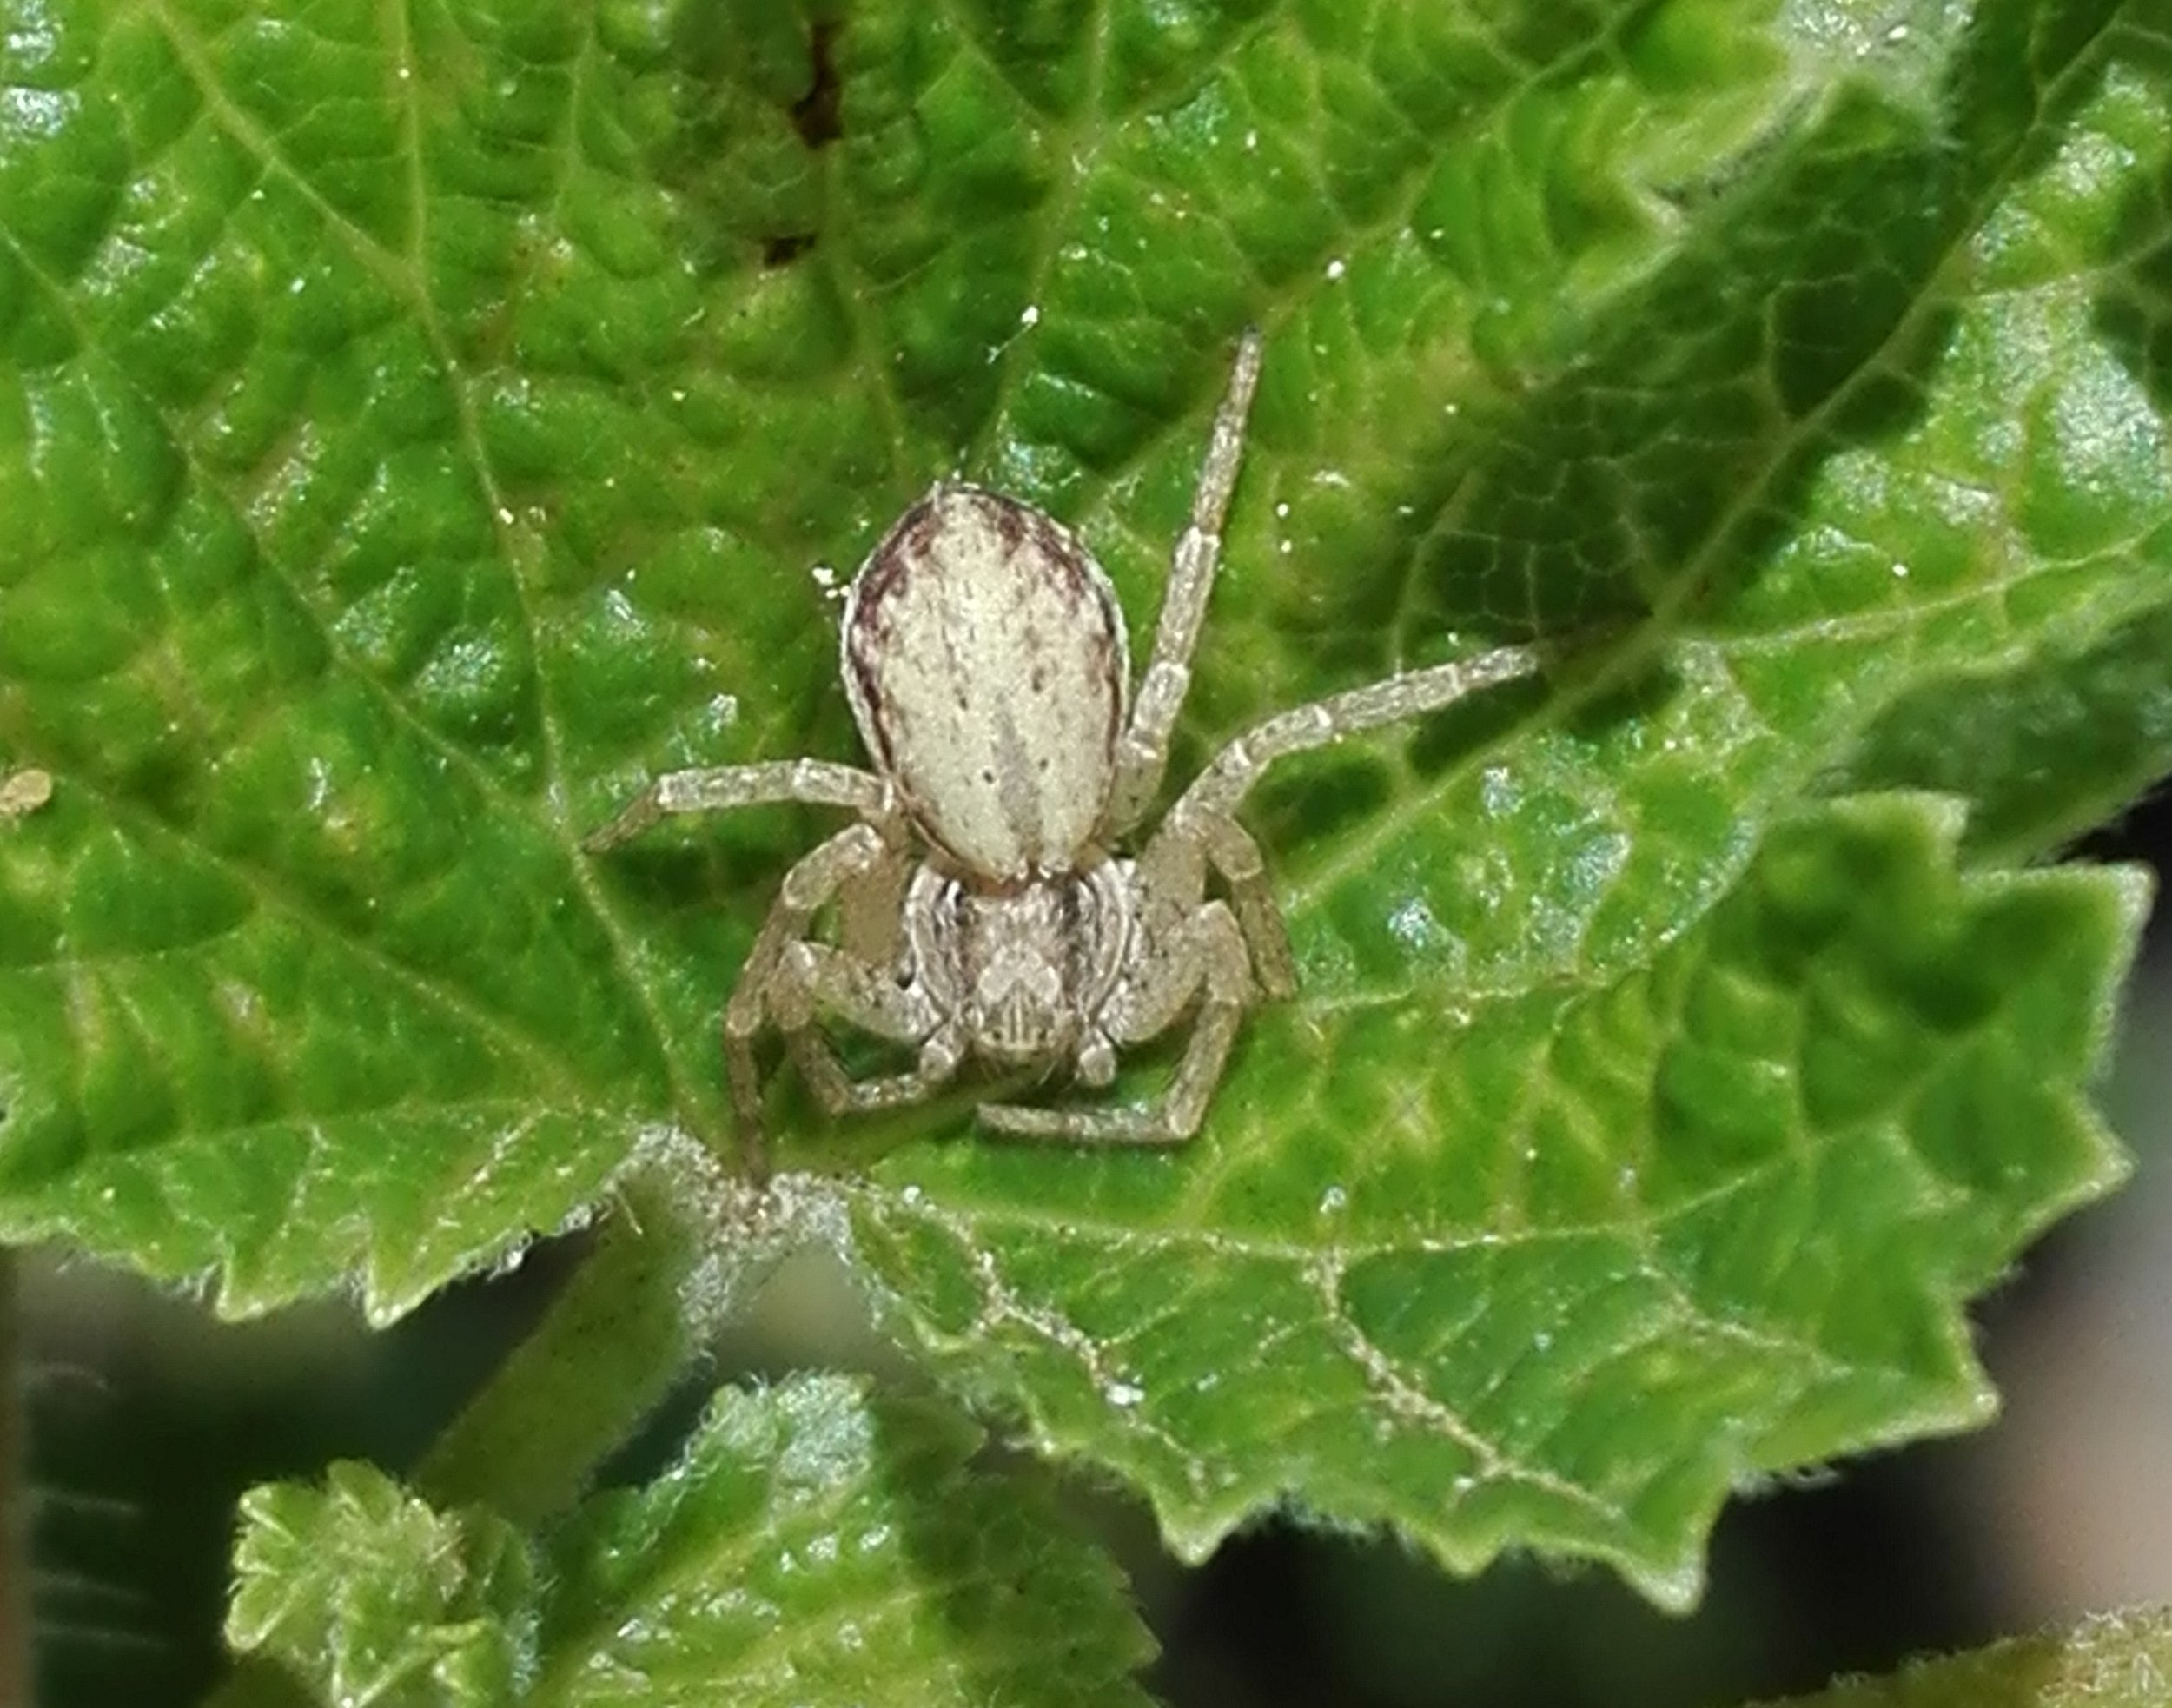 #163 Turf Running Spider (Philodromus cespitum)